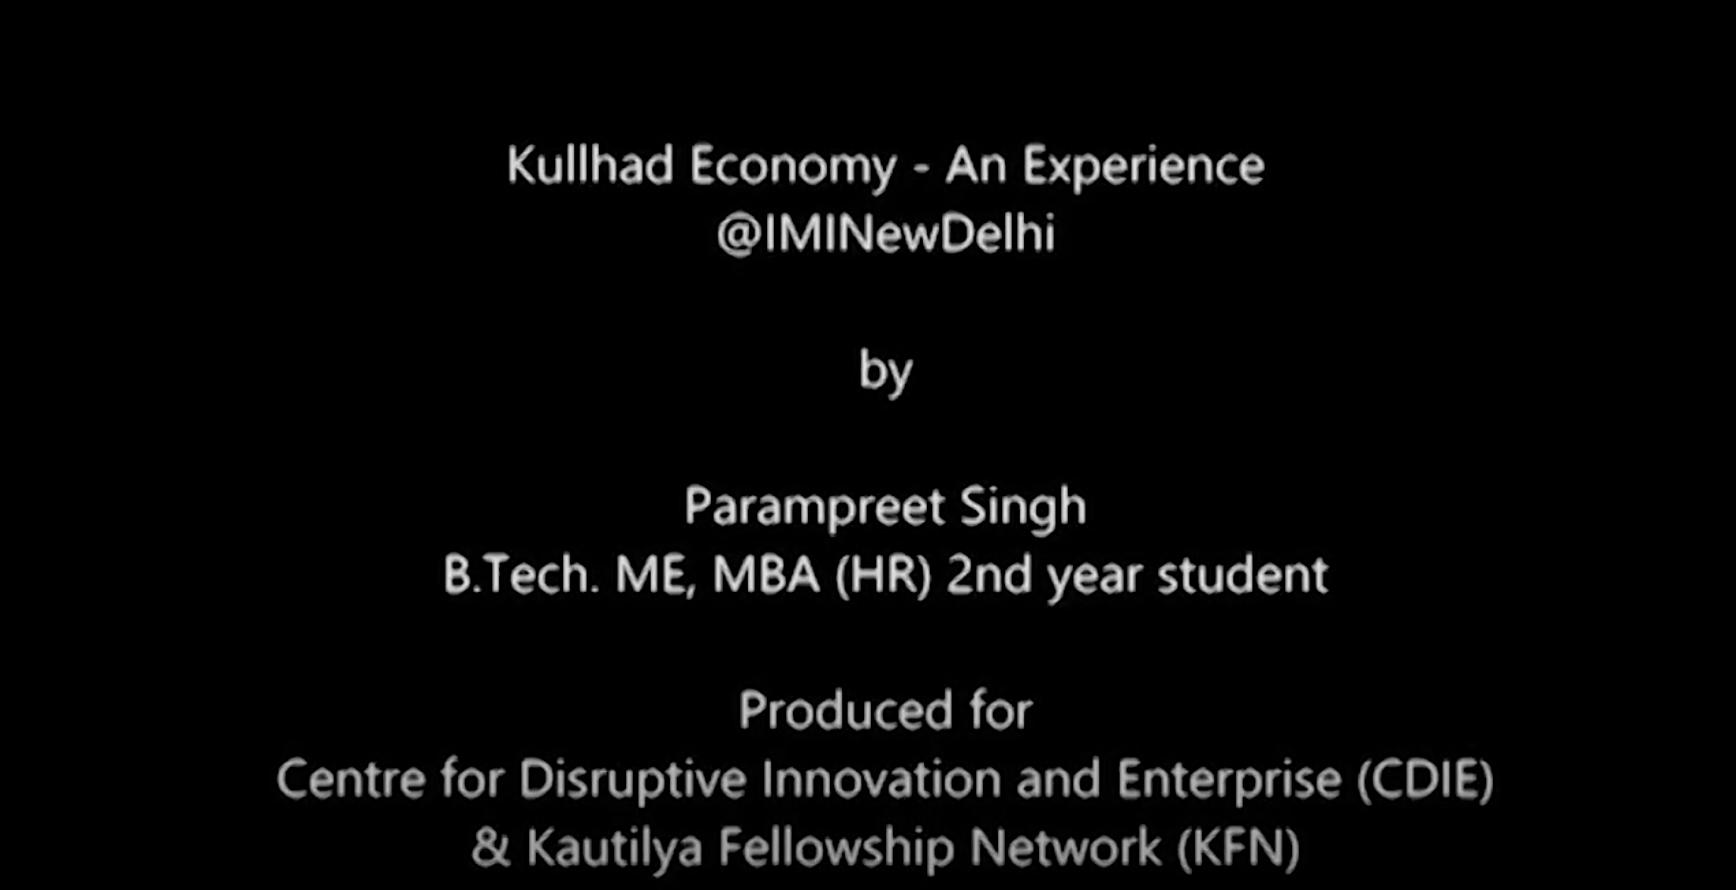 Kullhad Economy - An Experience @IMINewDelhi